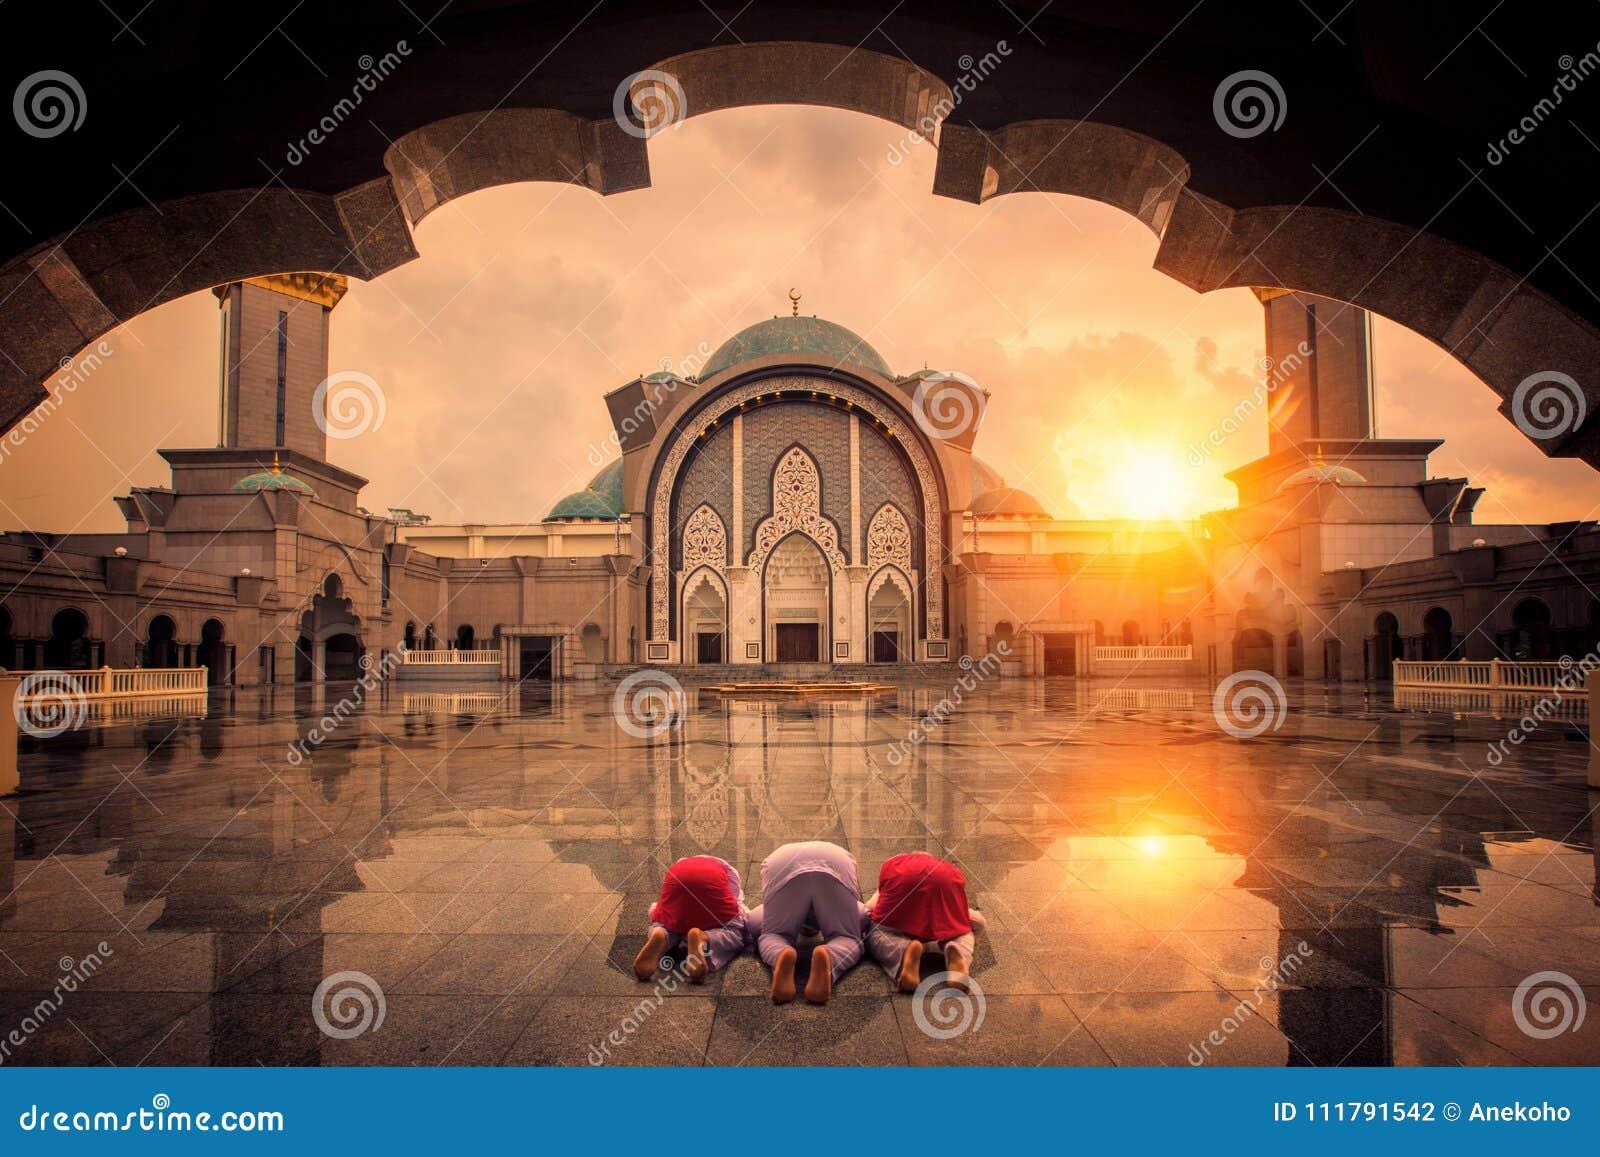 Мусульмане chilgren грех и молят в мечети